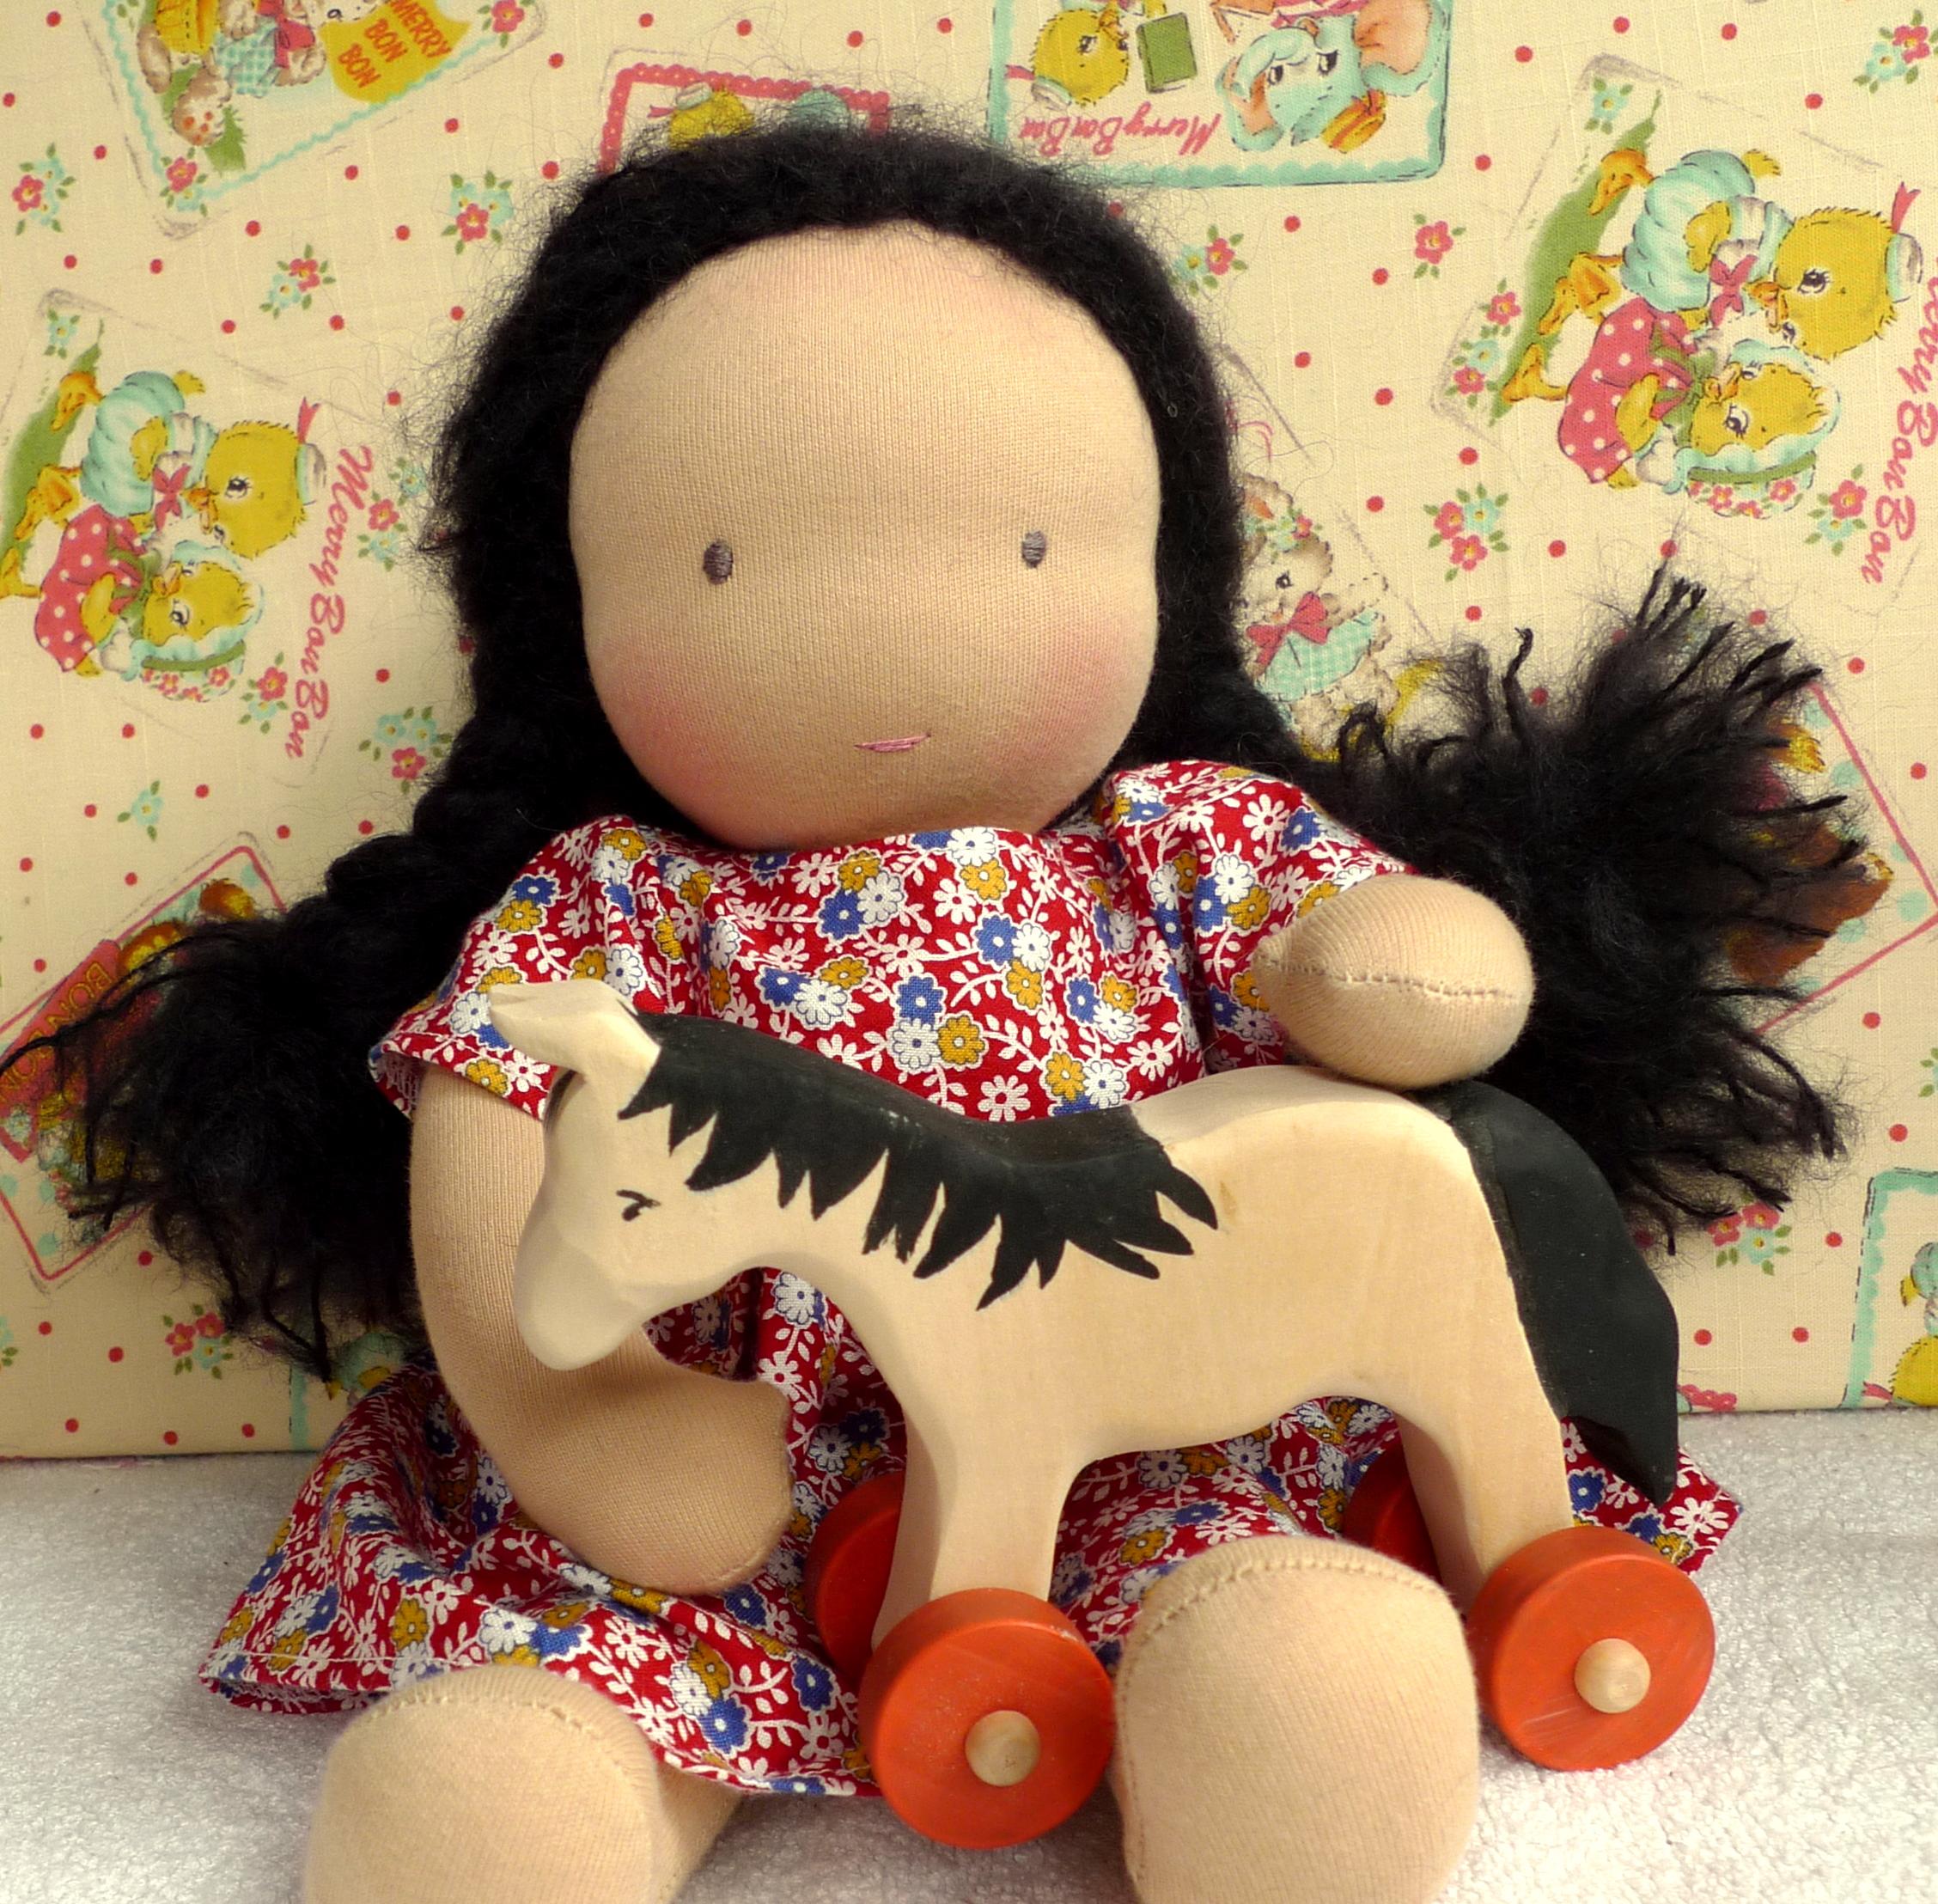 Andrea's doll